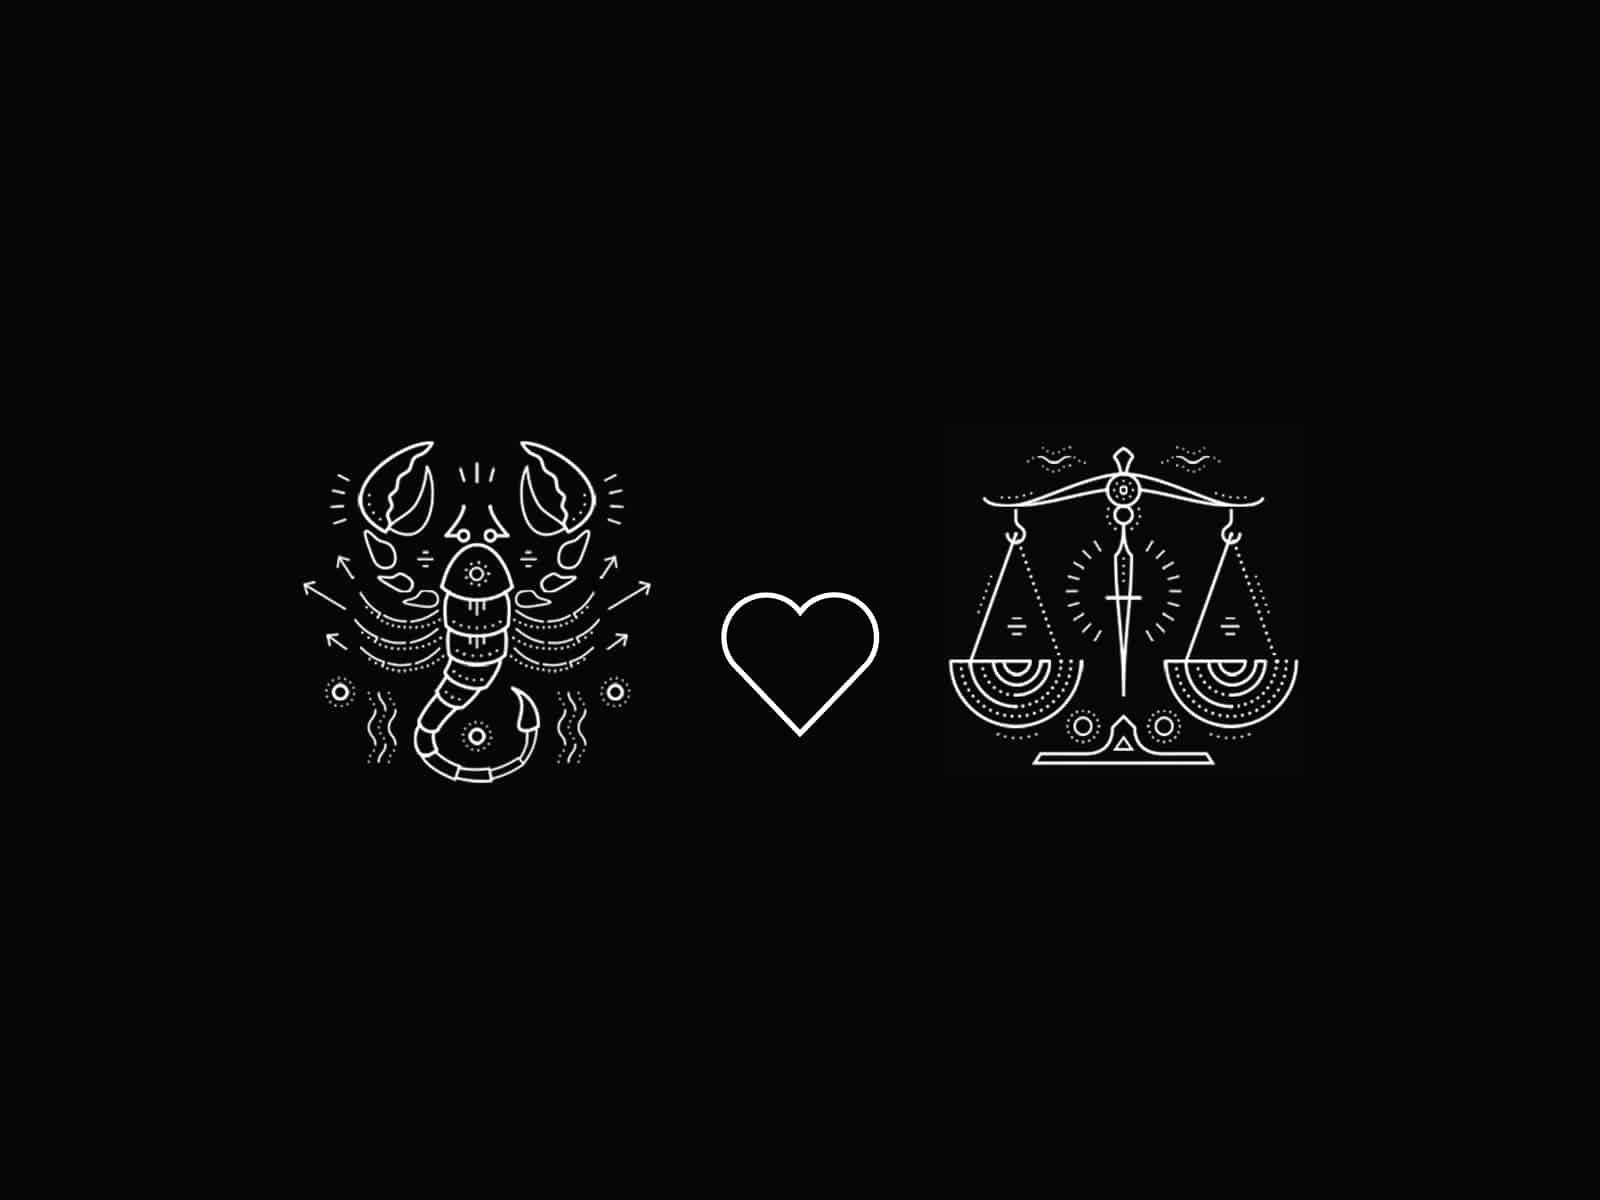 Slaganje Škorpije i Vage- U Krevetu, Vezi i Ljubavi